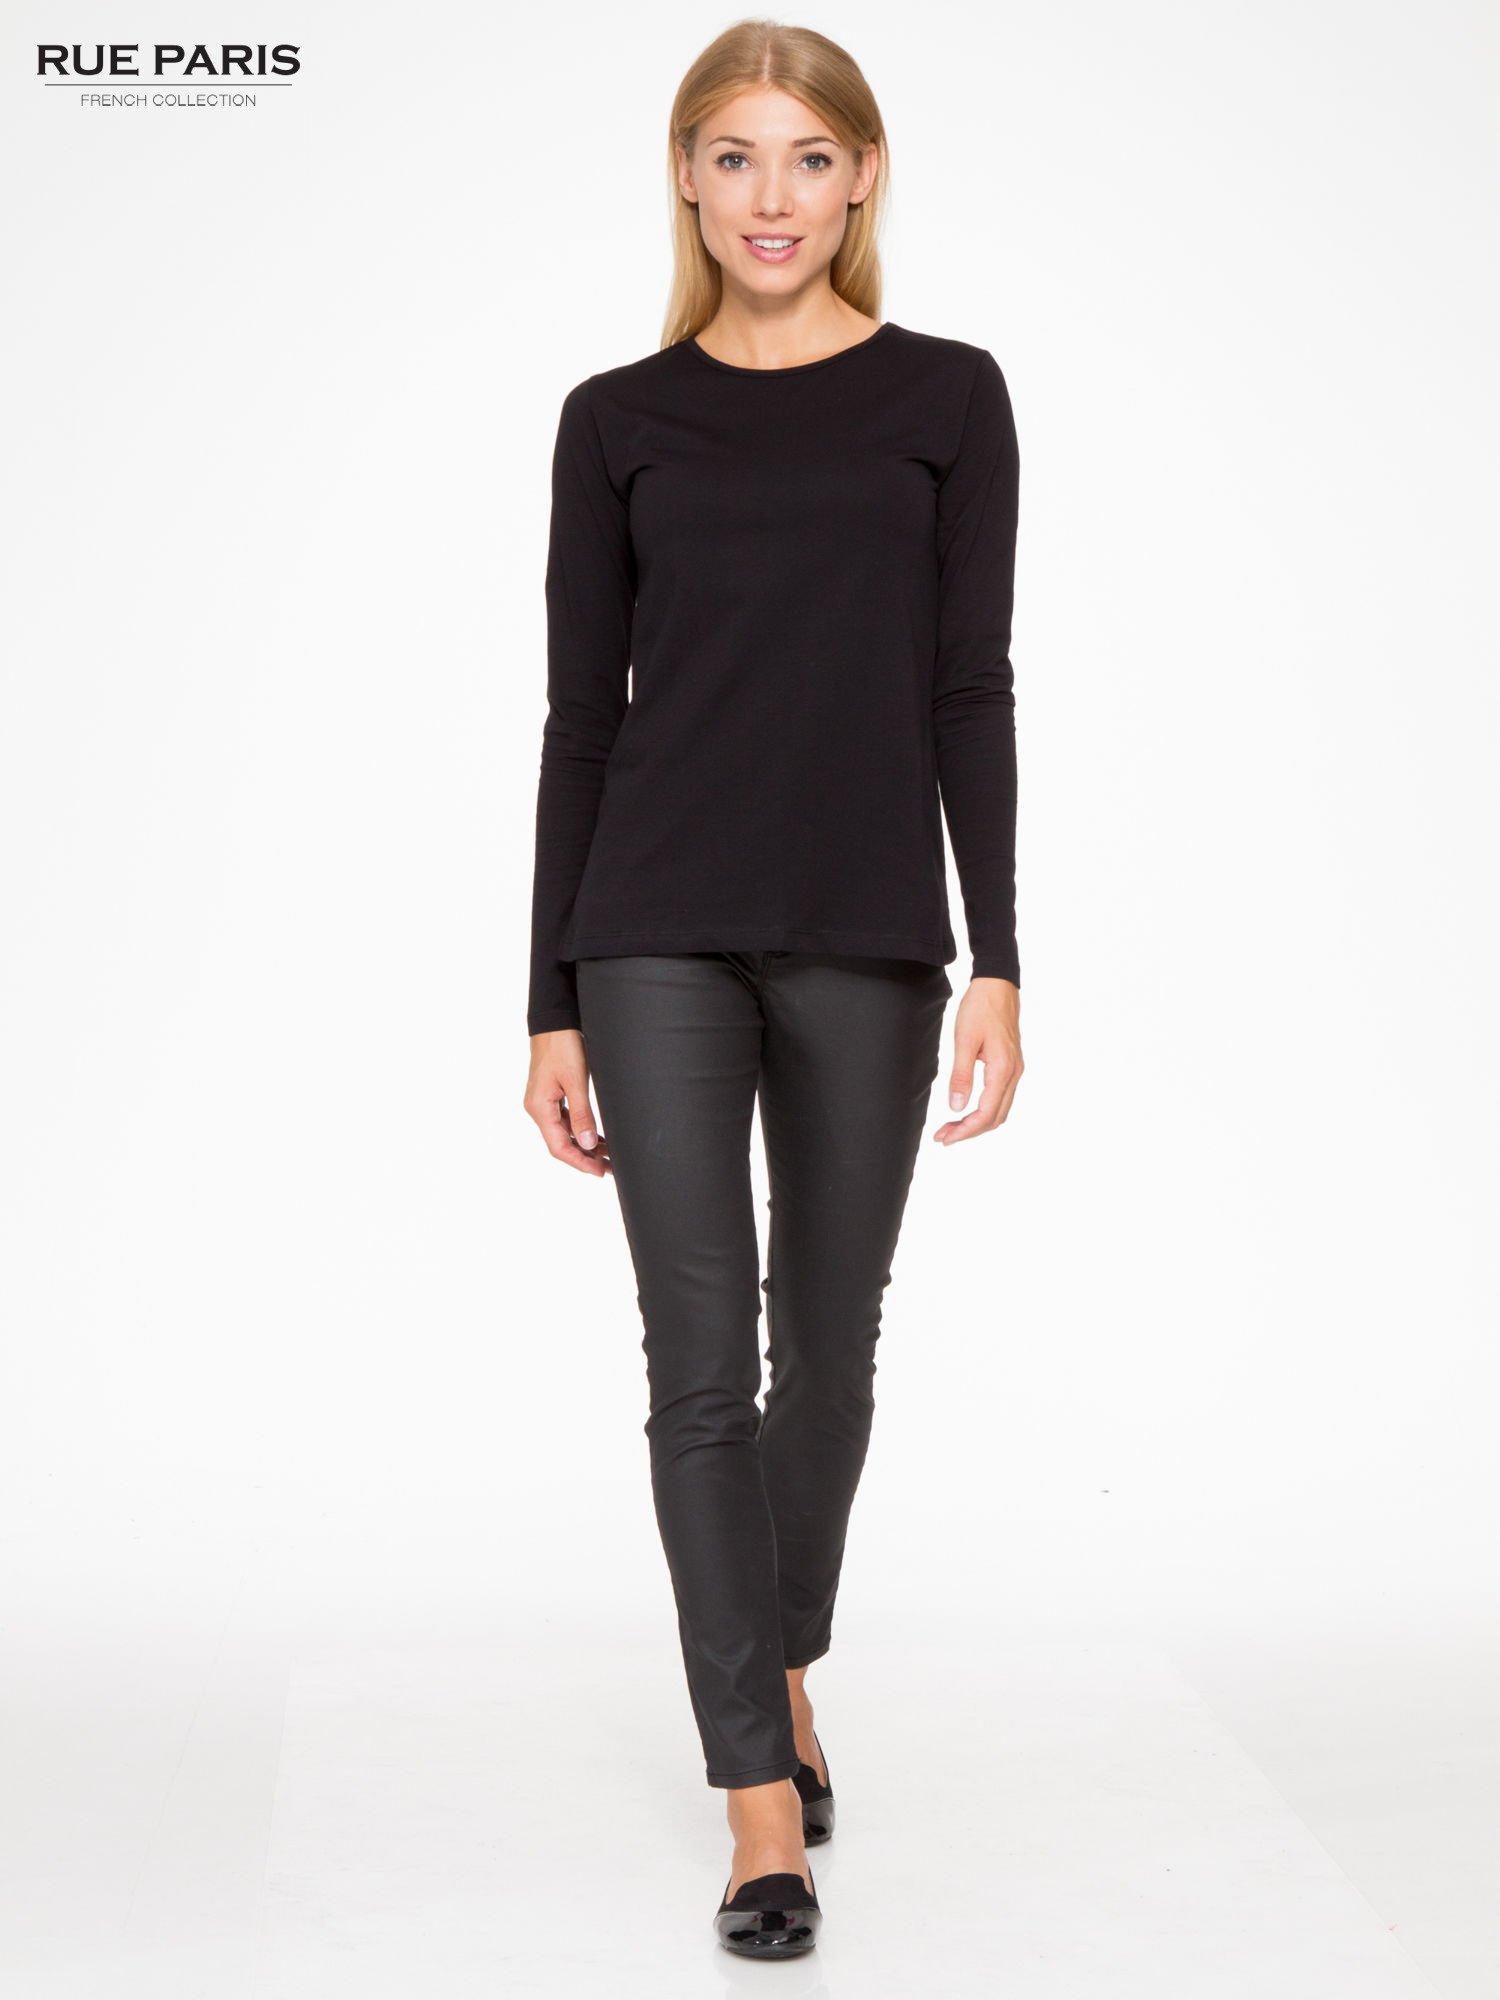 Czarna basicowa bluzka z długim rękawem                                  zdj.                                  2